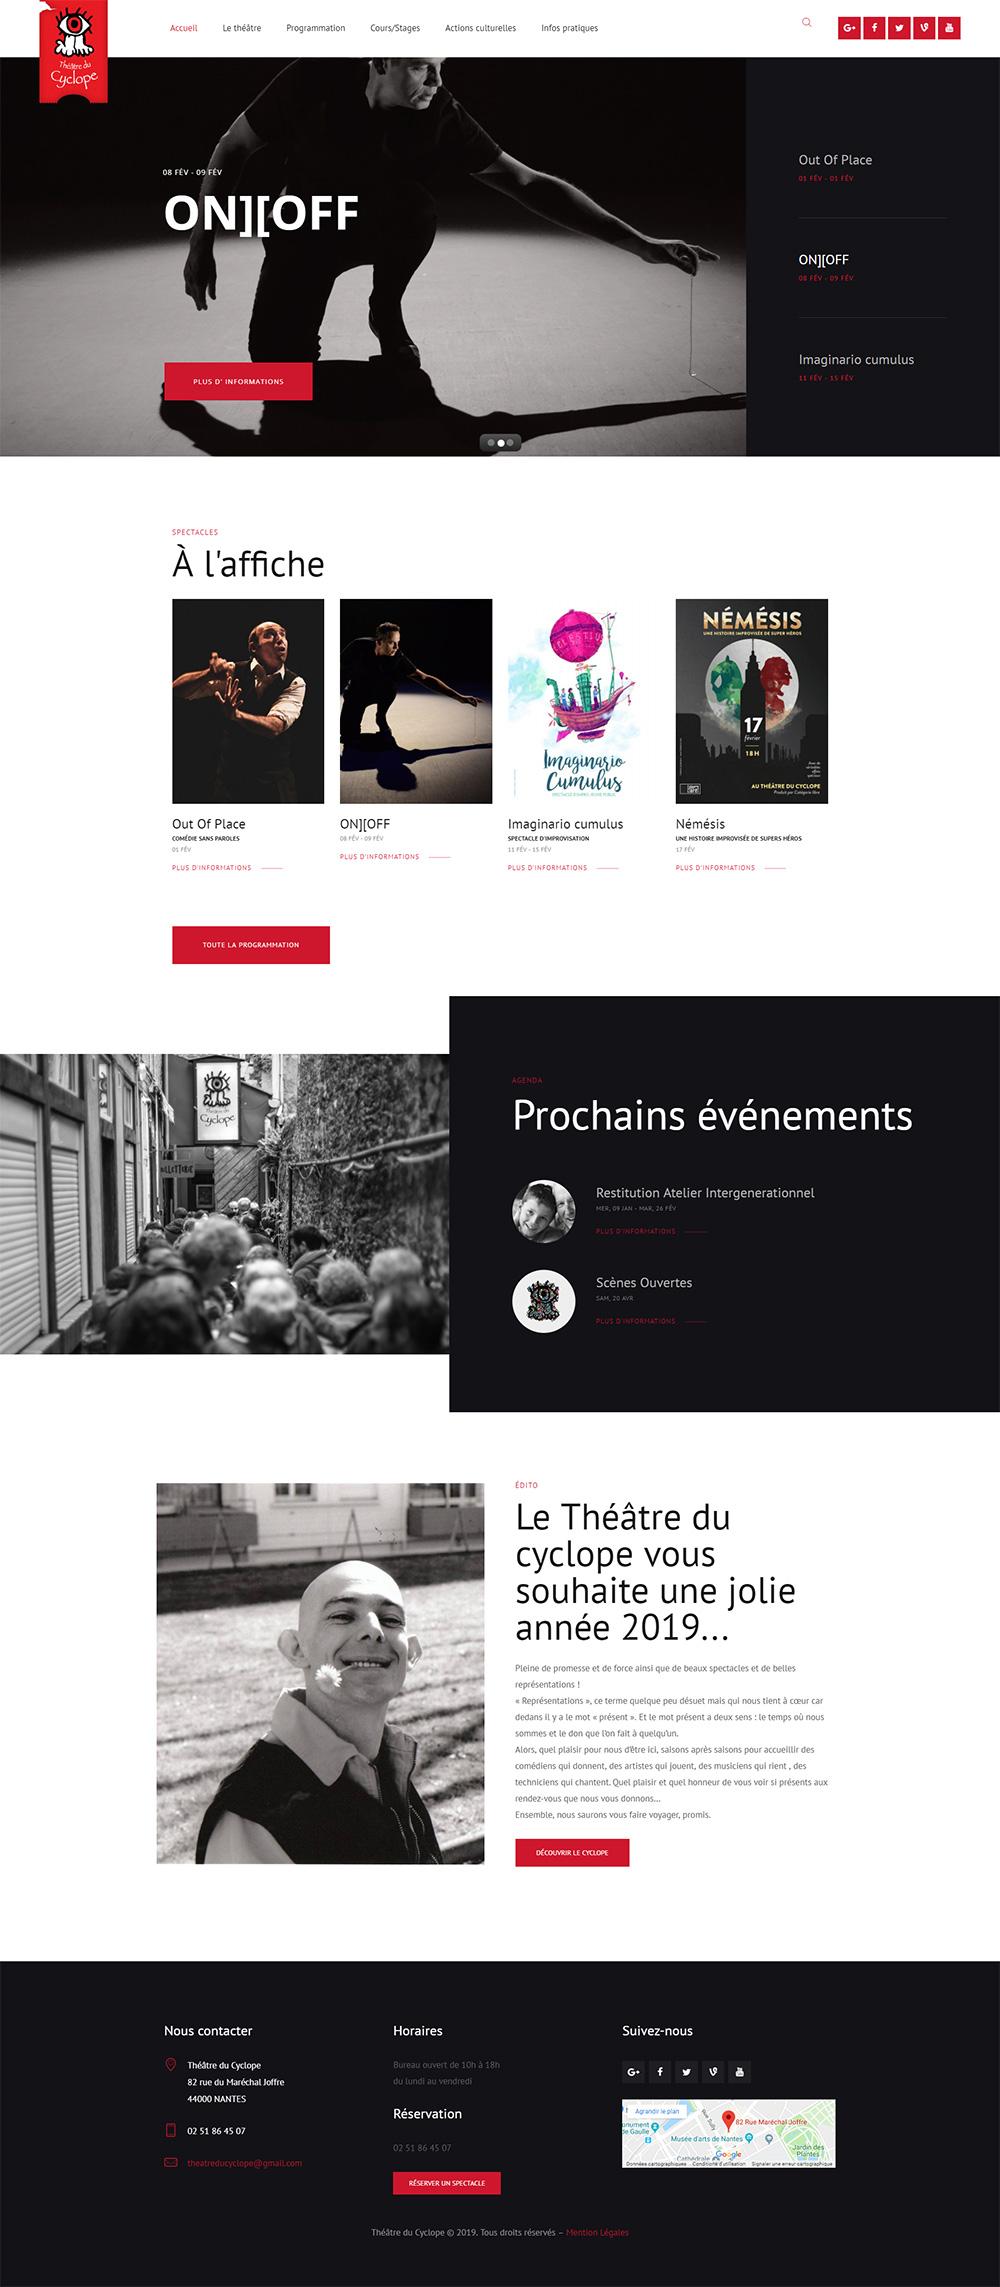 theatre-du-cyclope